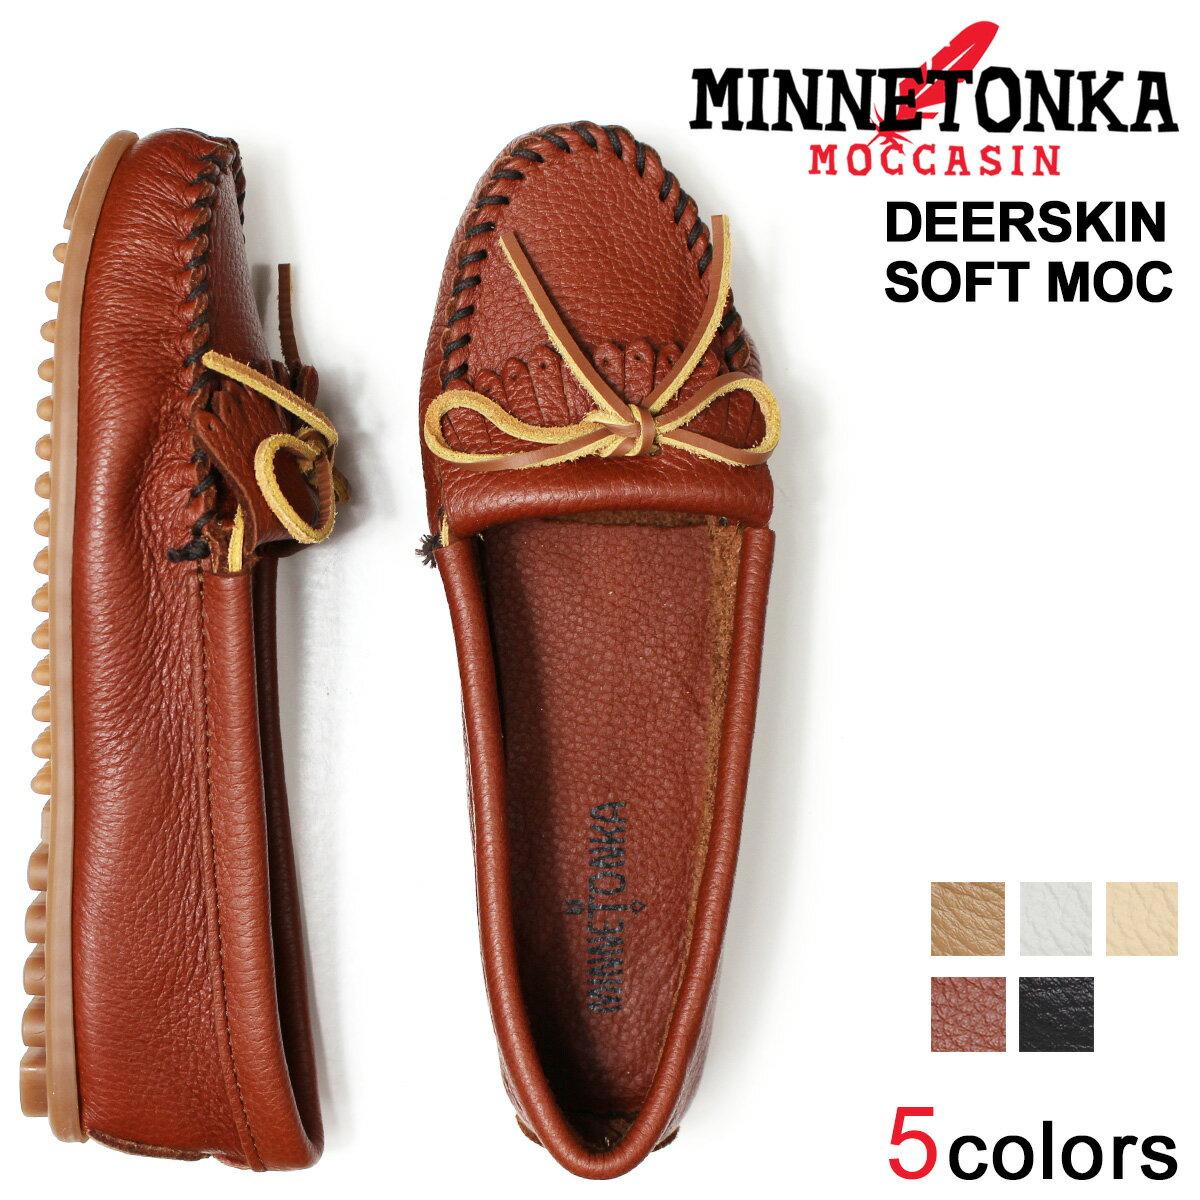 ミネトンカ モカシン MINNETONKA ディアスキン ソフト 正規品 DEERSKIN SOFT MOC レディース